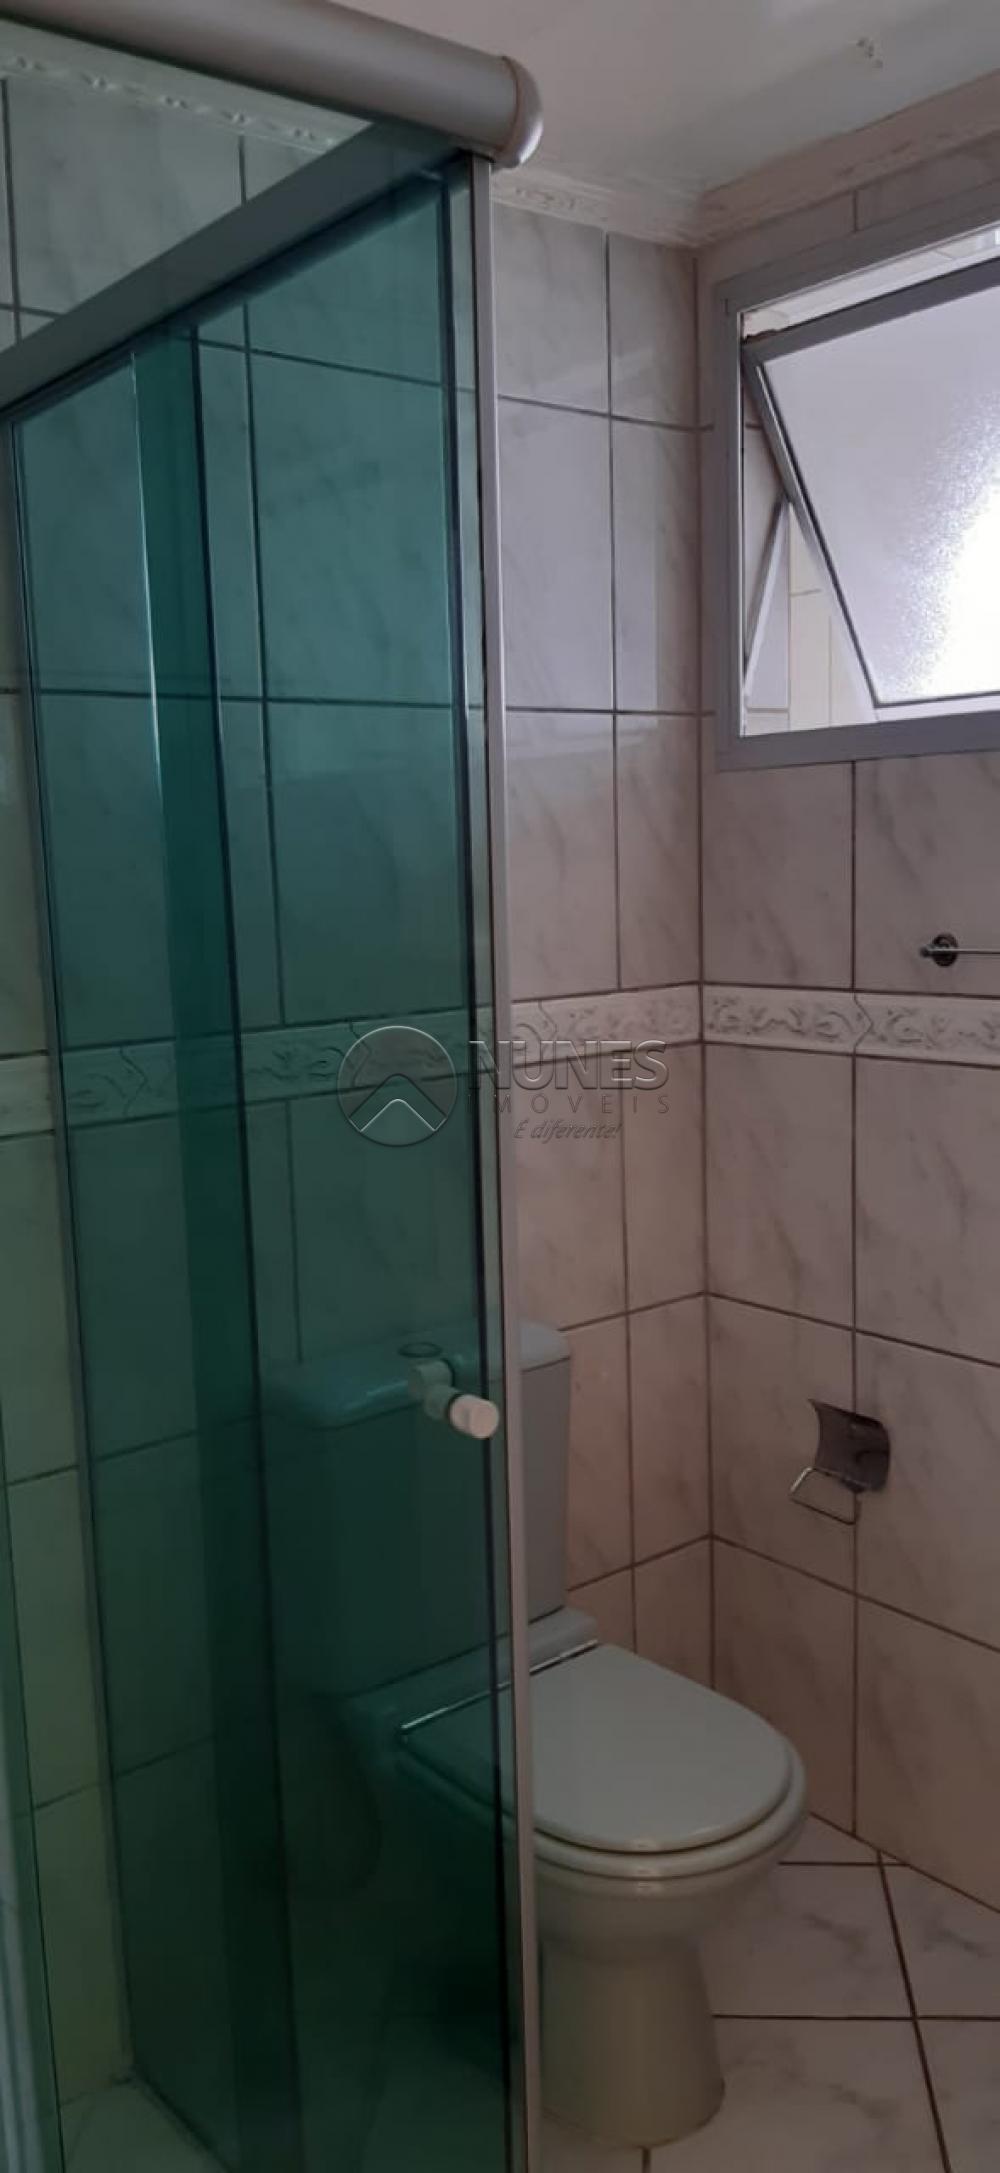 Comprar Apartamento / Padrão em Osasco apenas R$ 240.000,00 - Foto 20